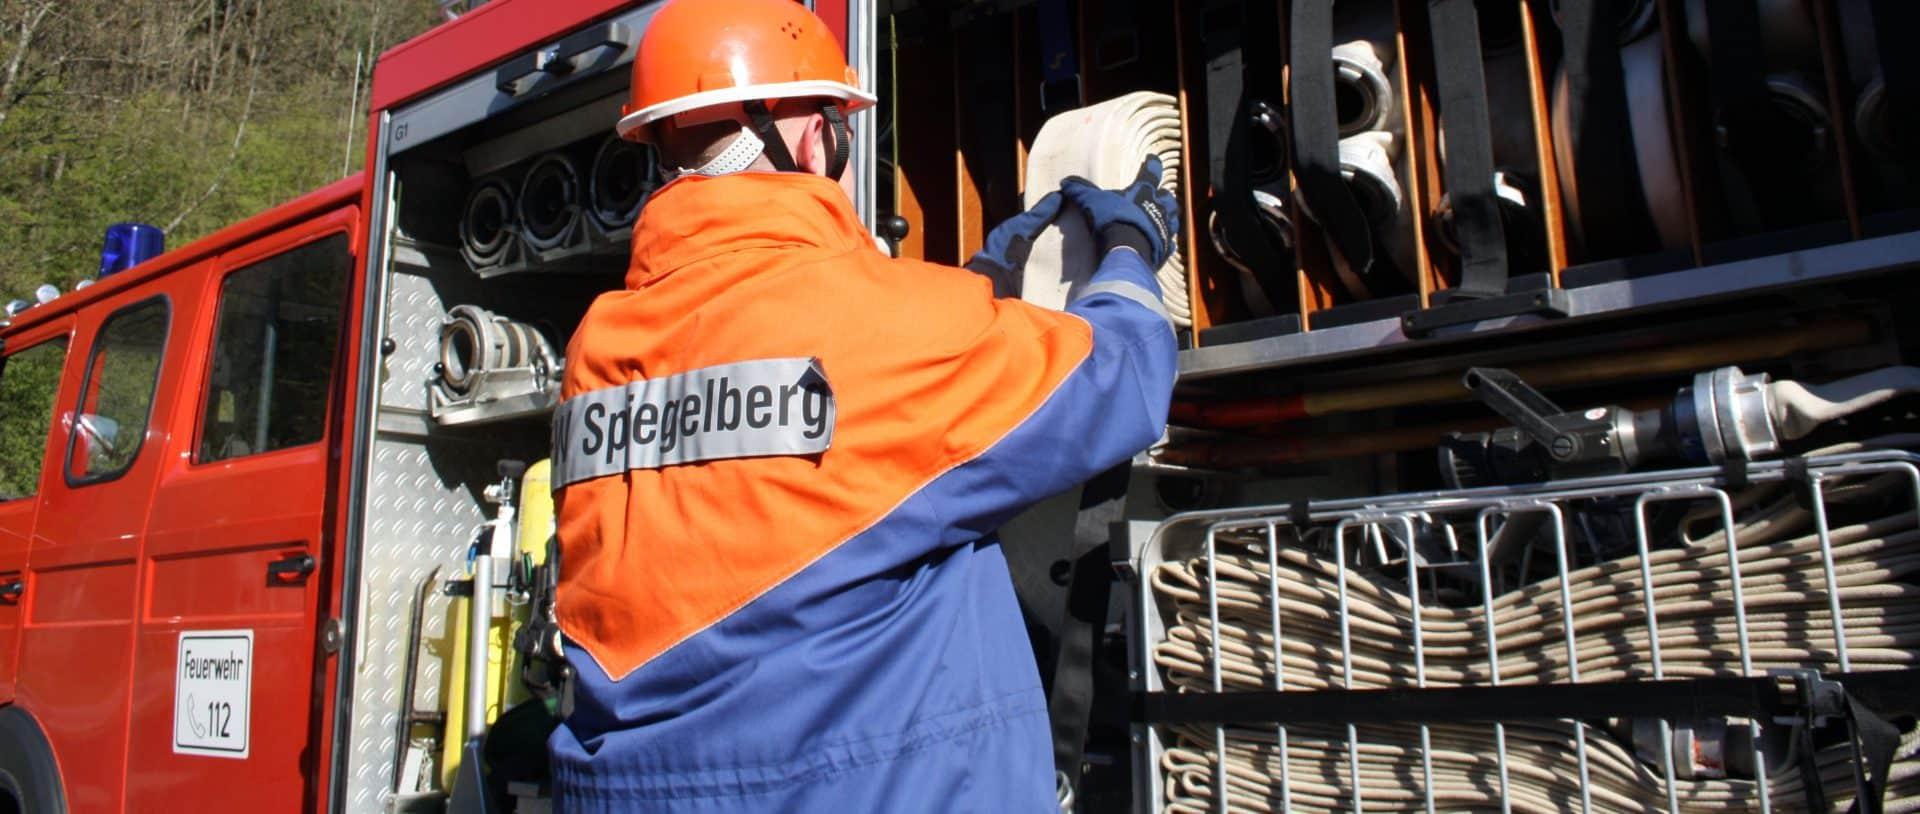 Jugendfeuerwehr Spiegelberg | Freiwillige Feuerwehr Spiegelberg